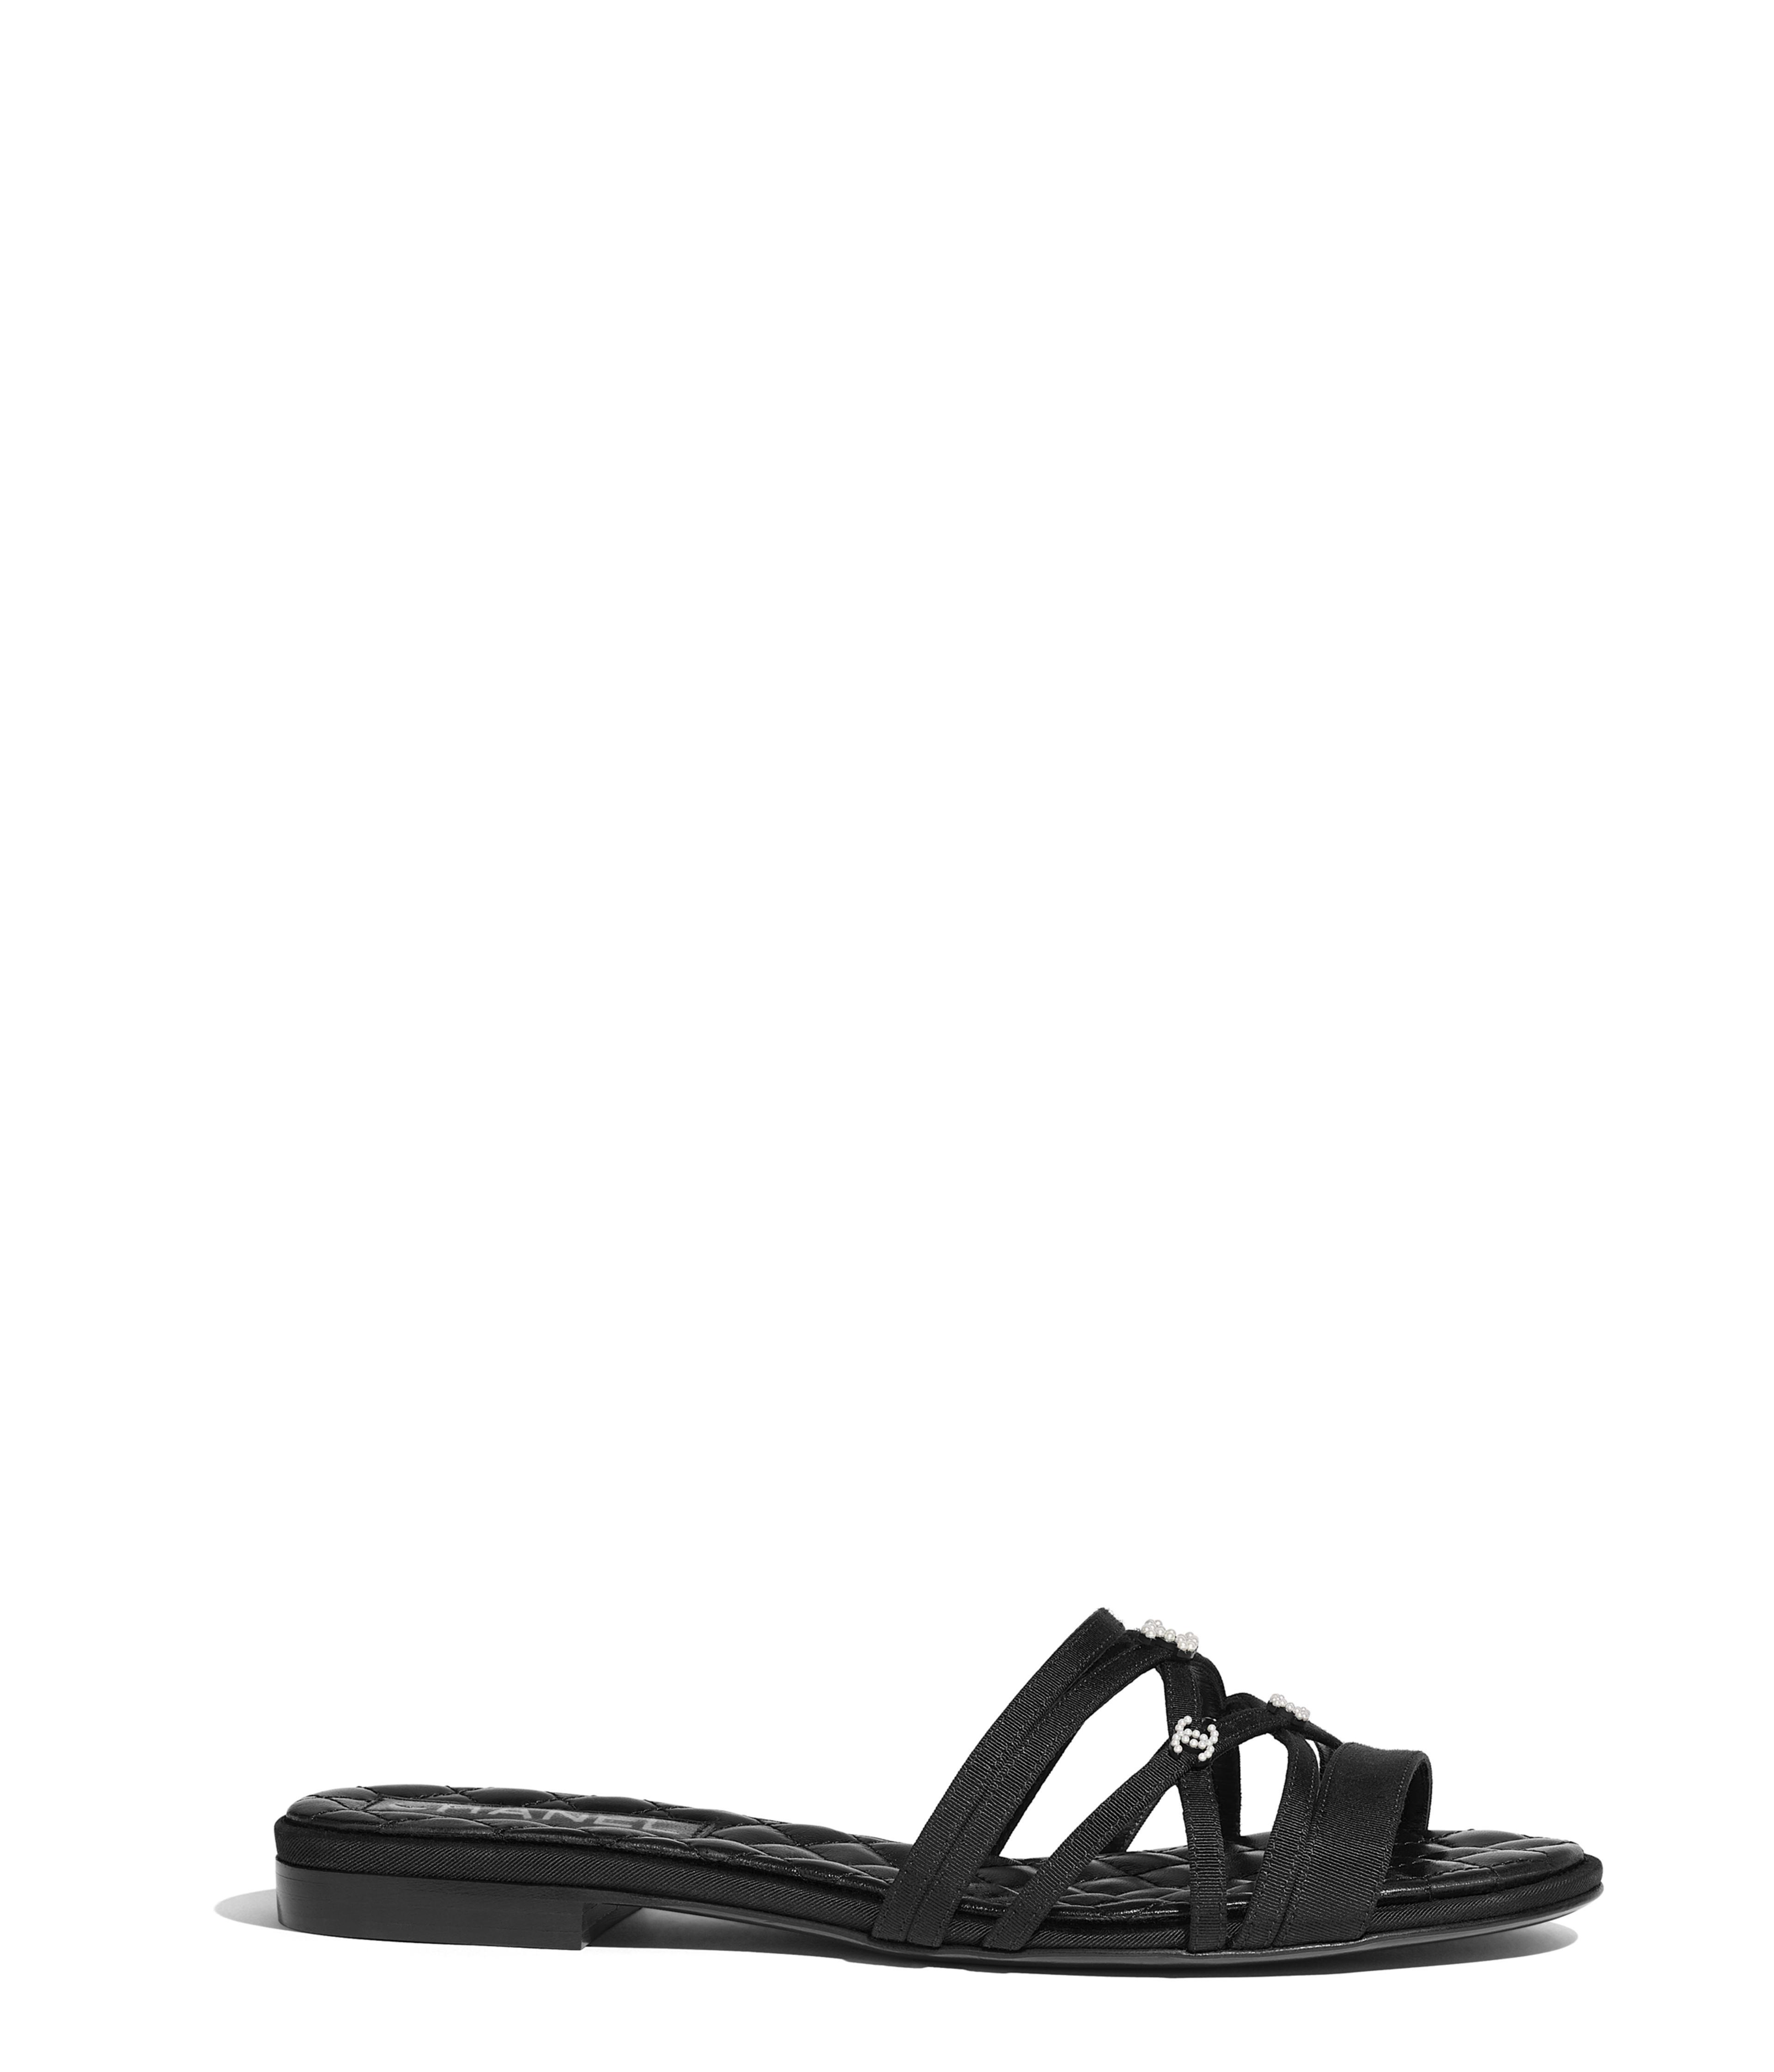 f0df551fad0a Sandals - Shoes